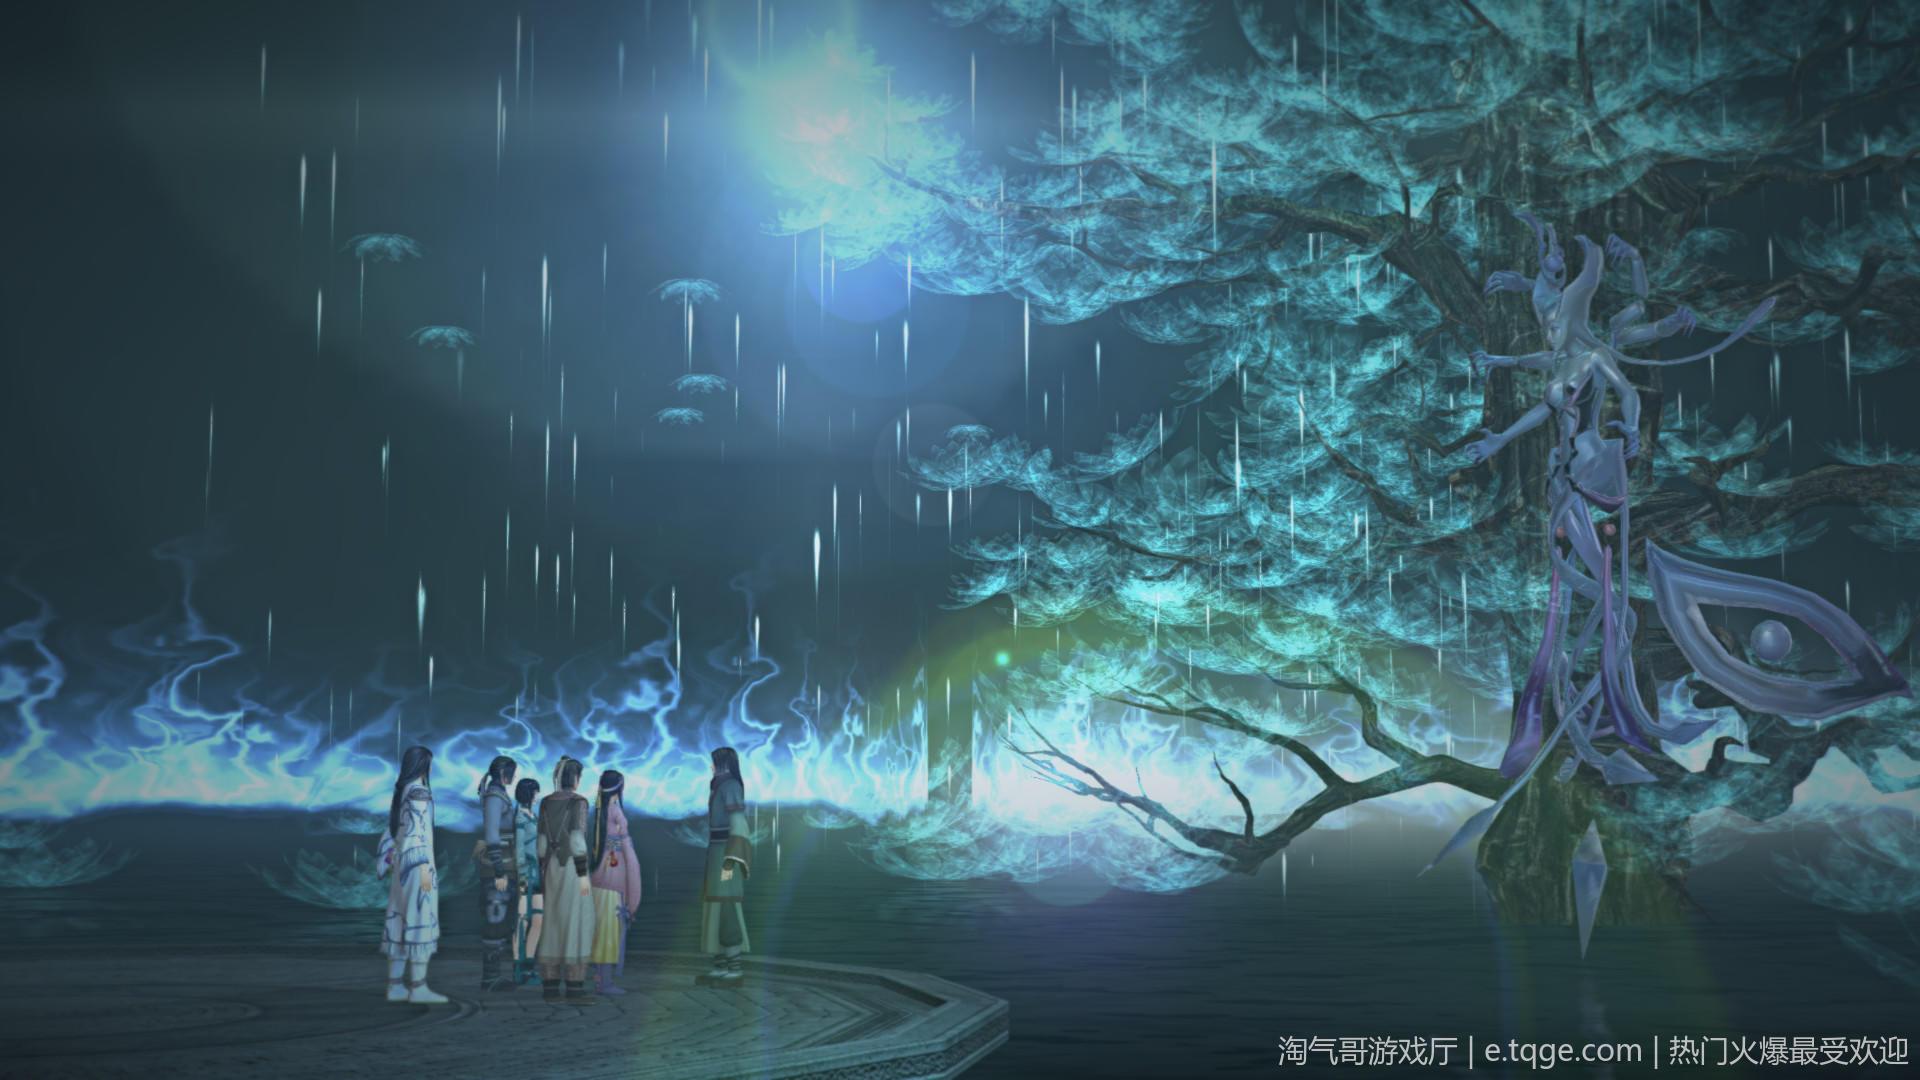 仙剑奇侠传6/5/4/3/2/1合集 热门游戏 第2张